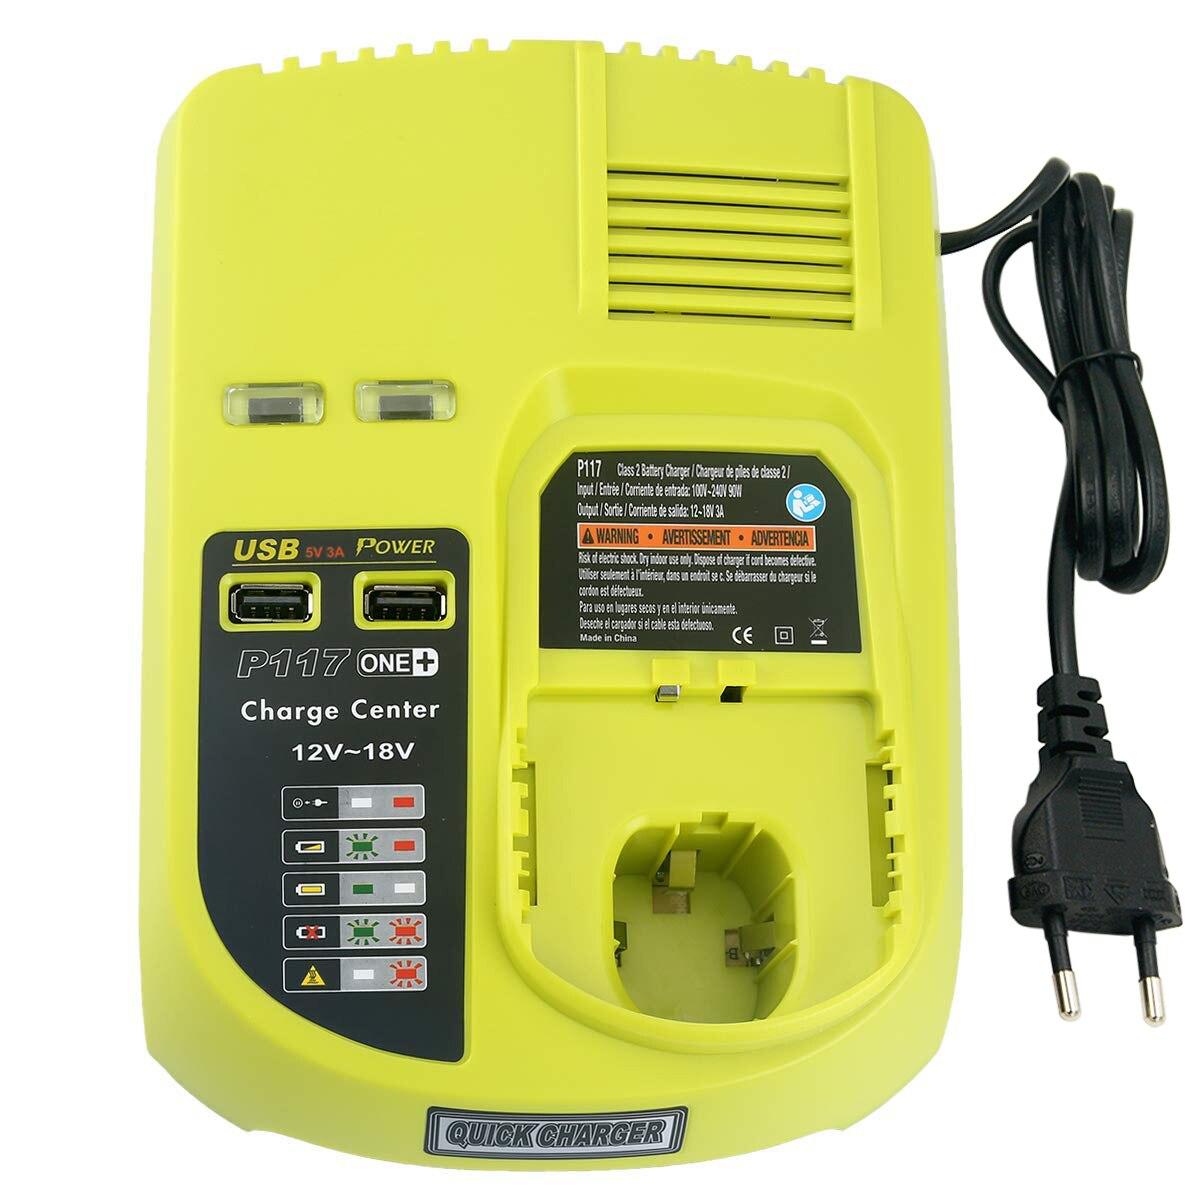 Para ryobi um + 18 v 6.0ah li ion bateria recarregável p108 + novo carregador p117 para ryobi 9.6 v 18 v ni cad ni mh li ion bateria - 5